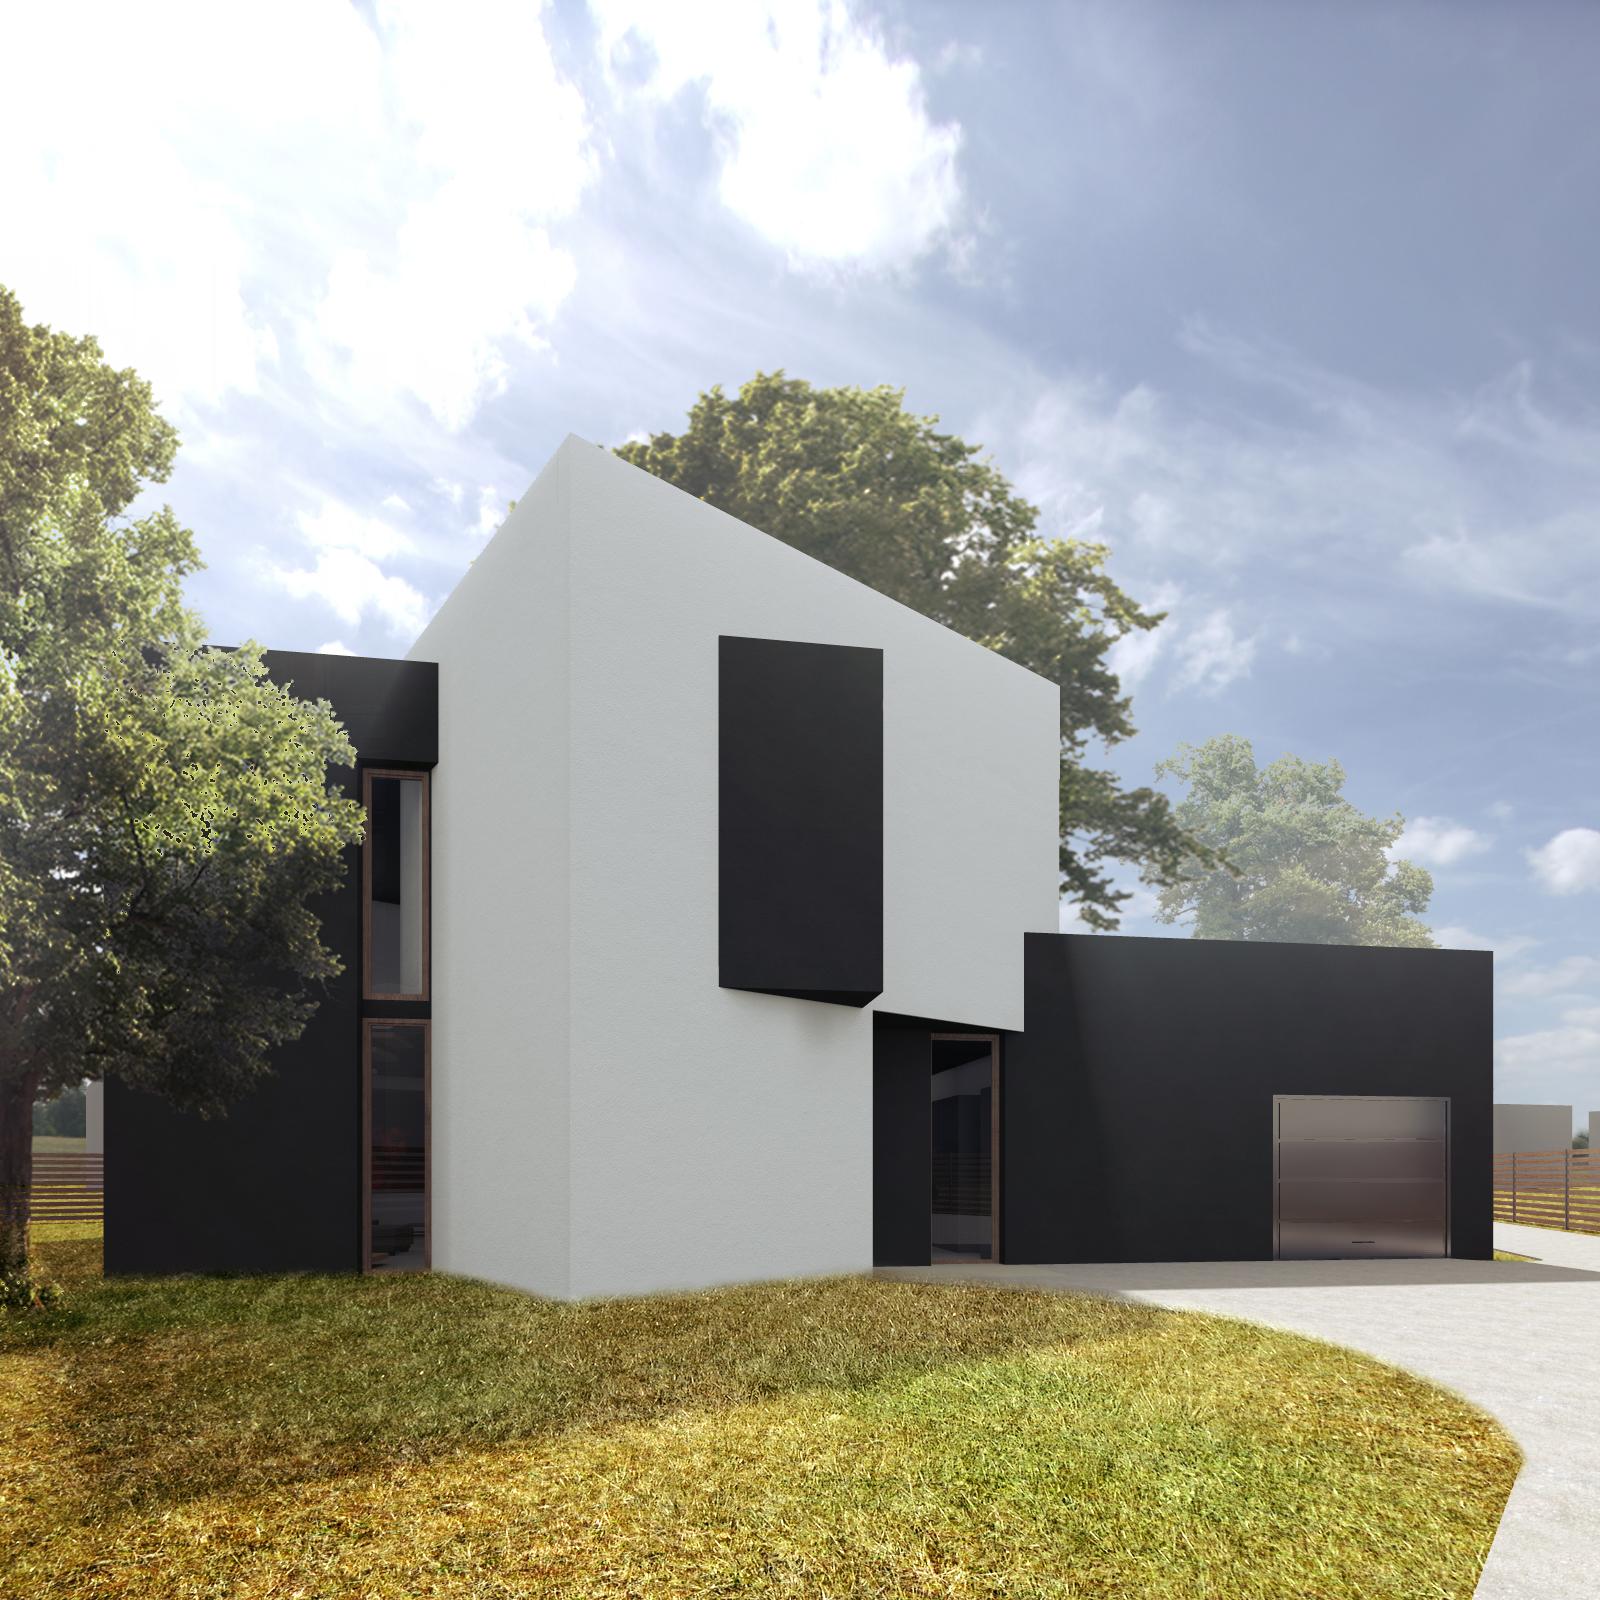 dom skrecony, projekt budowlany, atelierps